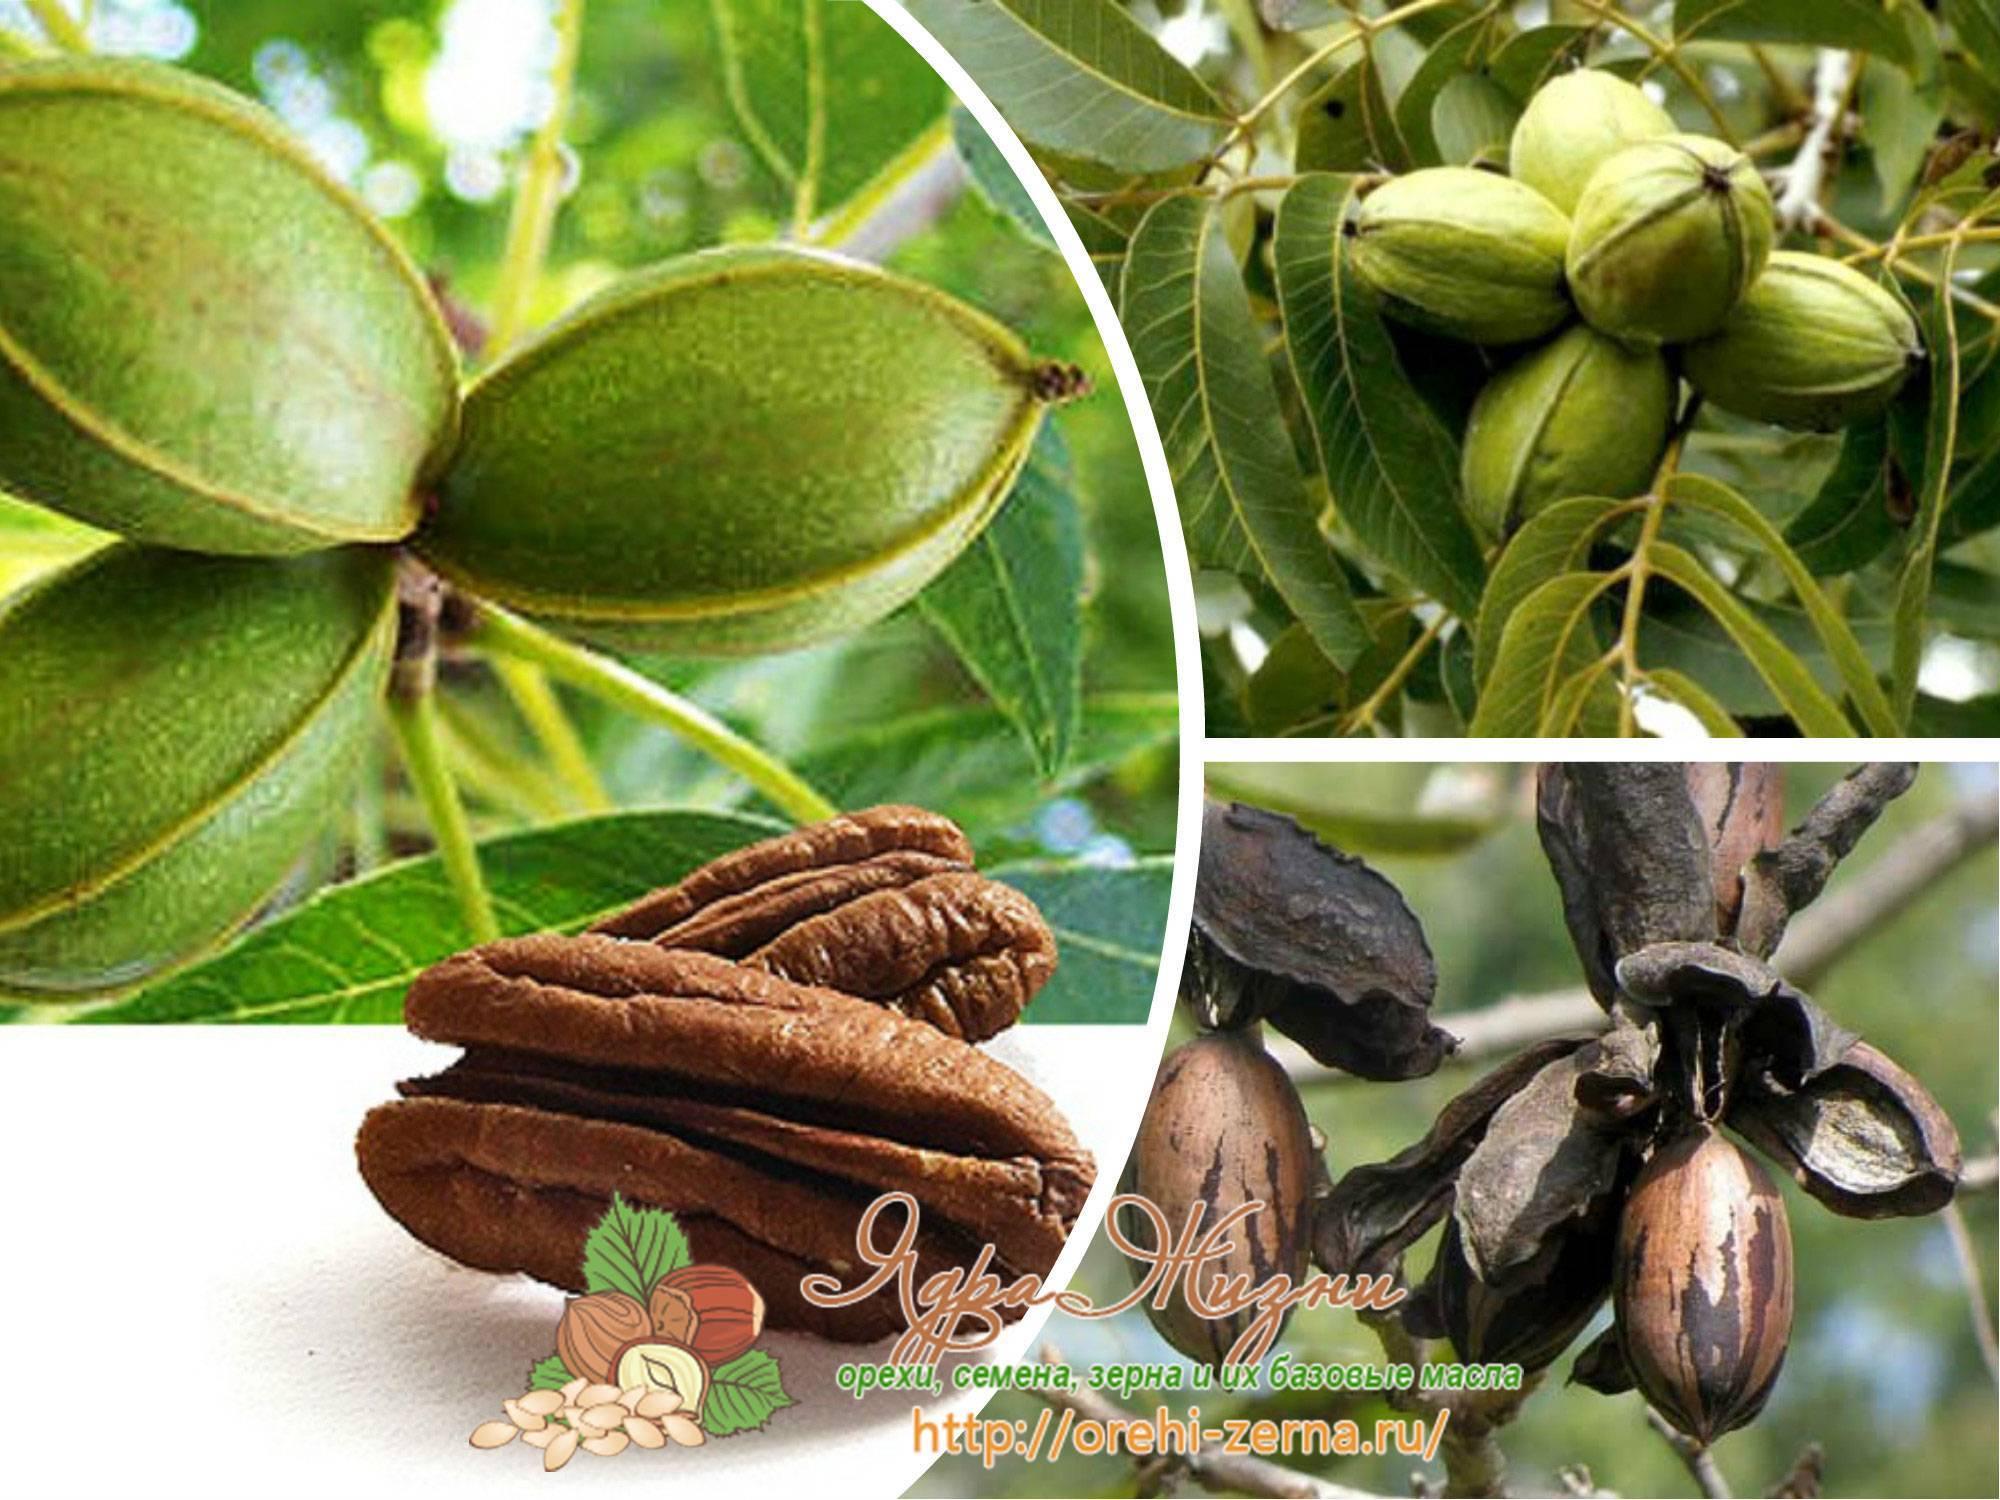 Орех пекан польза и вред для организма вкус свойства калорийность фото